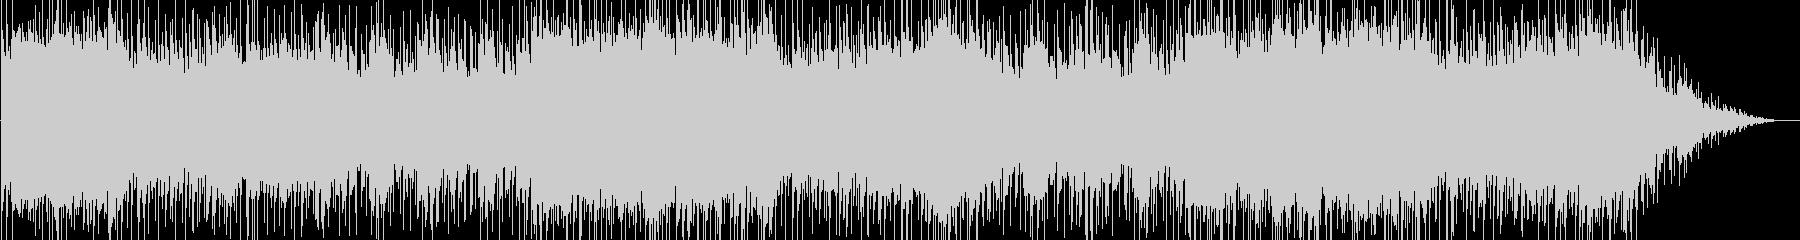 バトル・アイリッシュ・ハードロックの未再生の波形